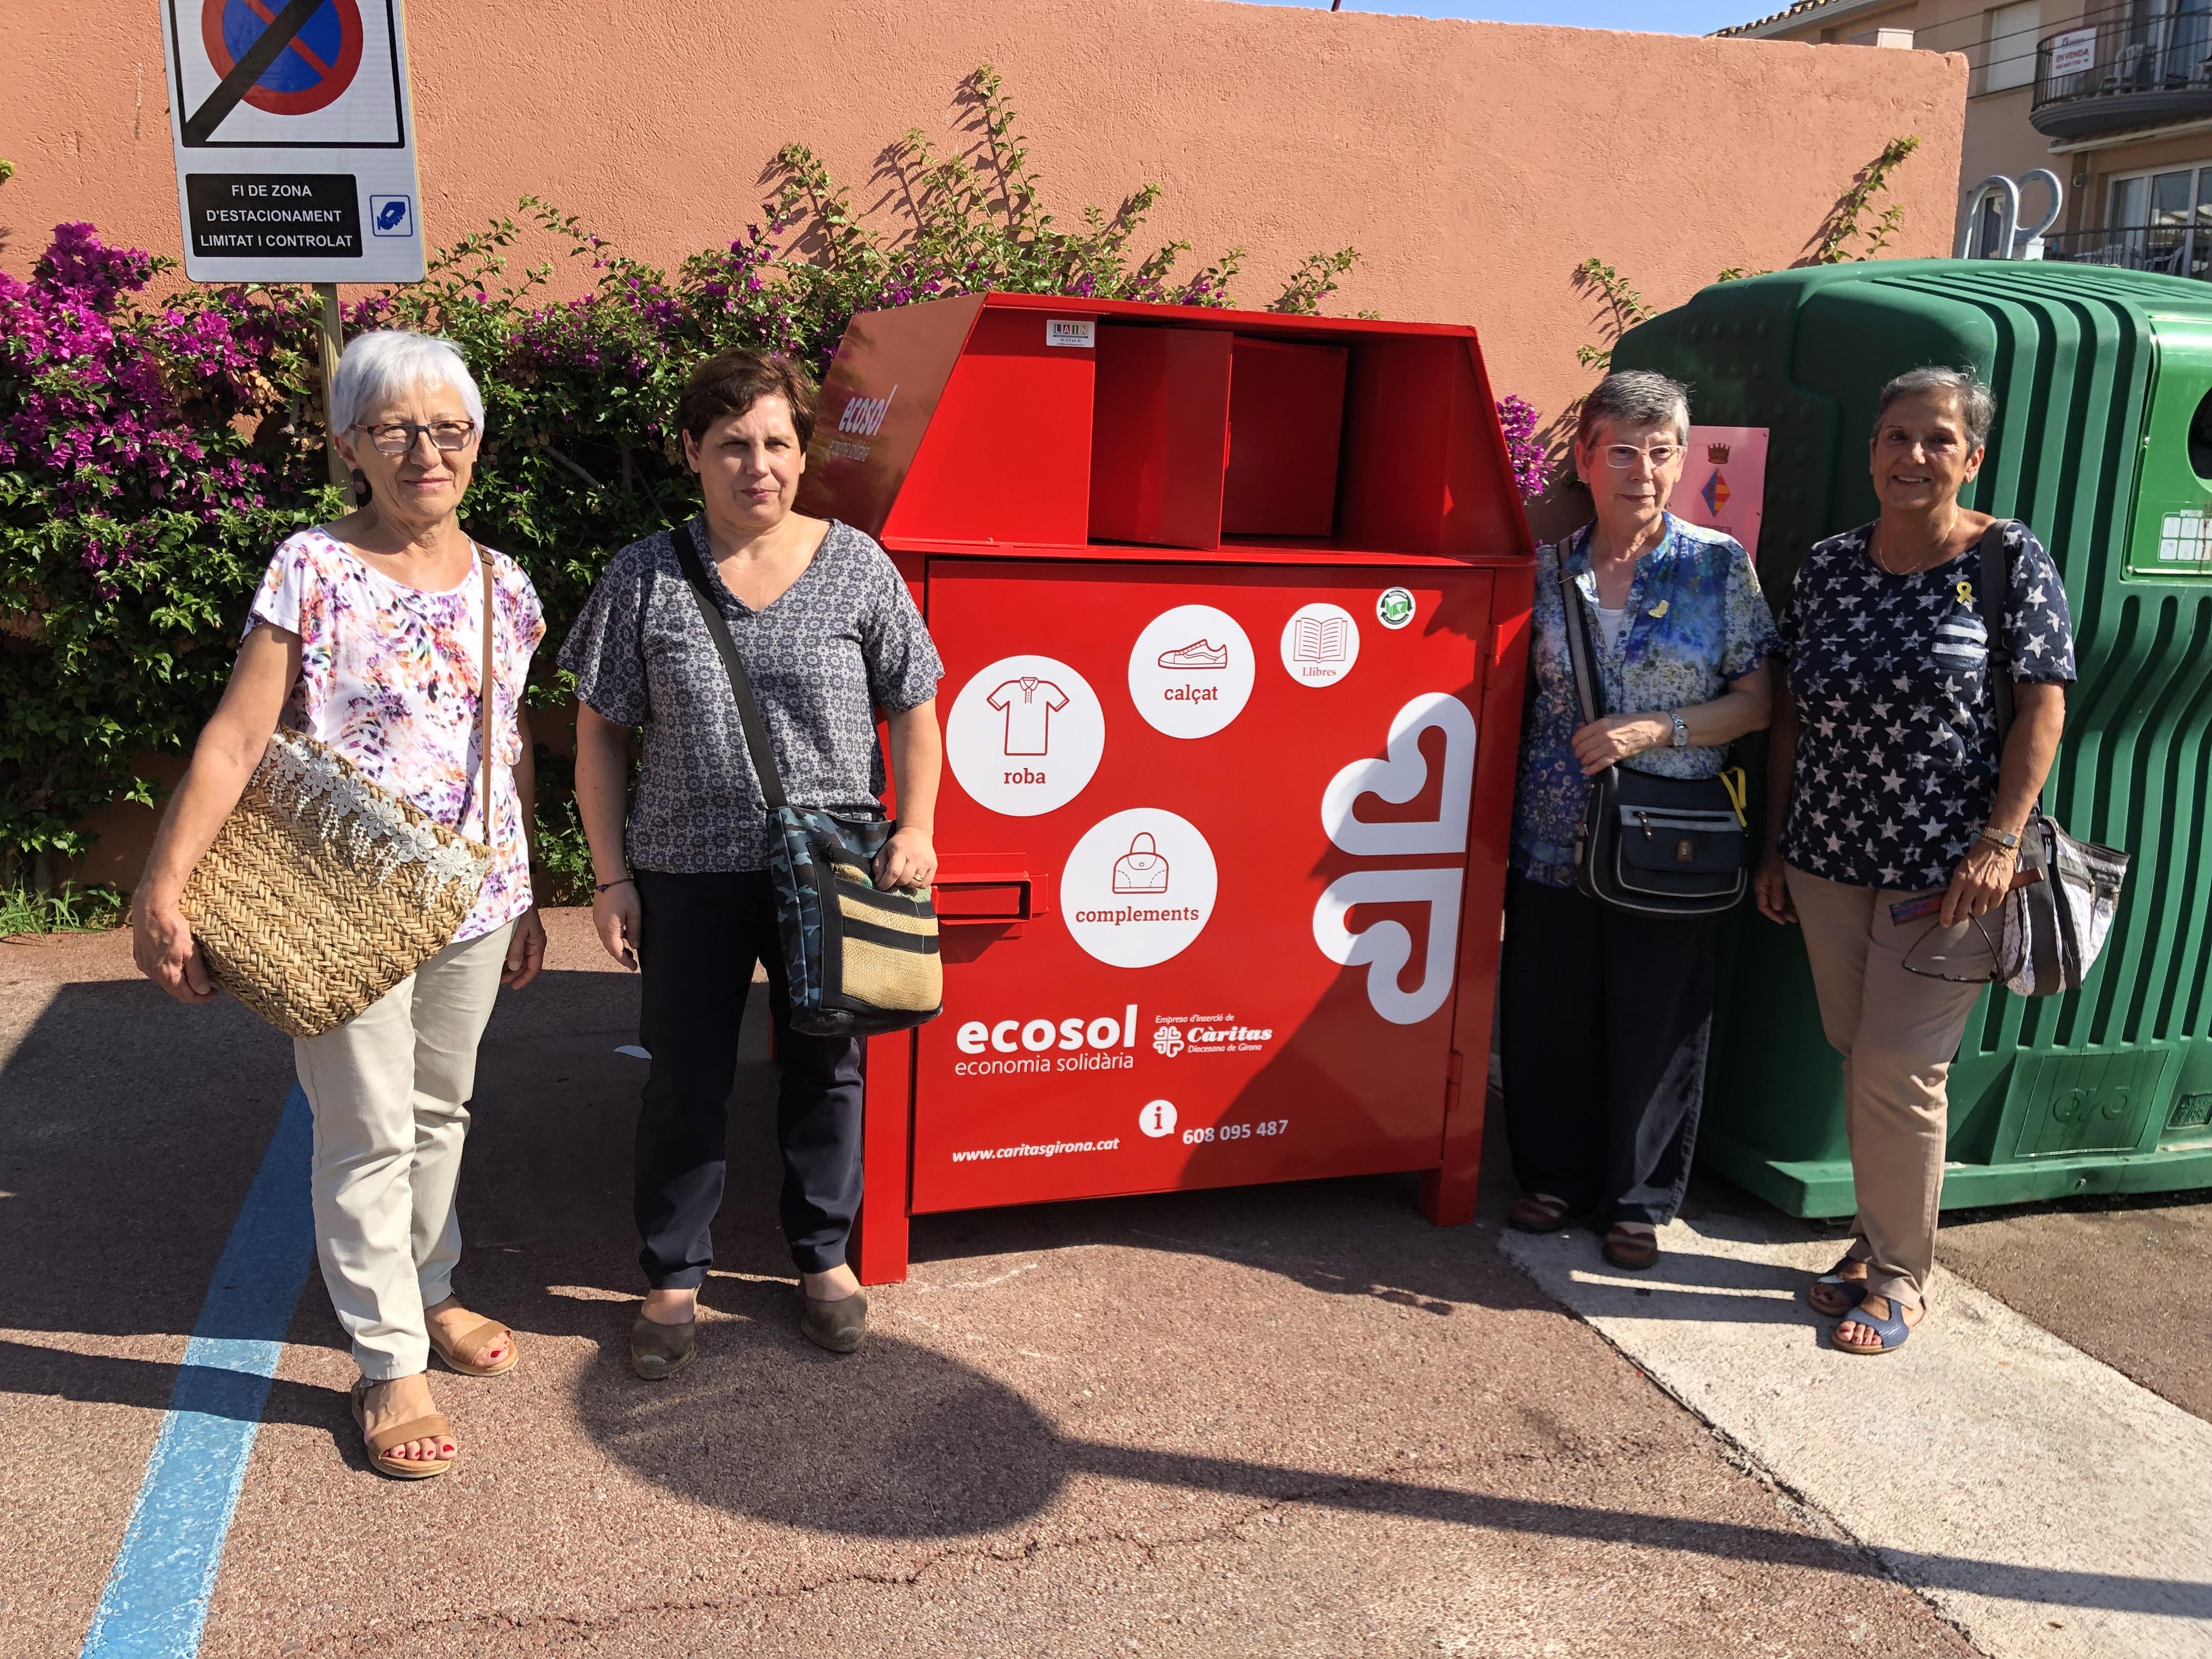 L'Ajuntament de l'Escala i Càritas signen un conveni per instal·lar nous contenidors de recollida de roba usada